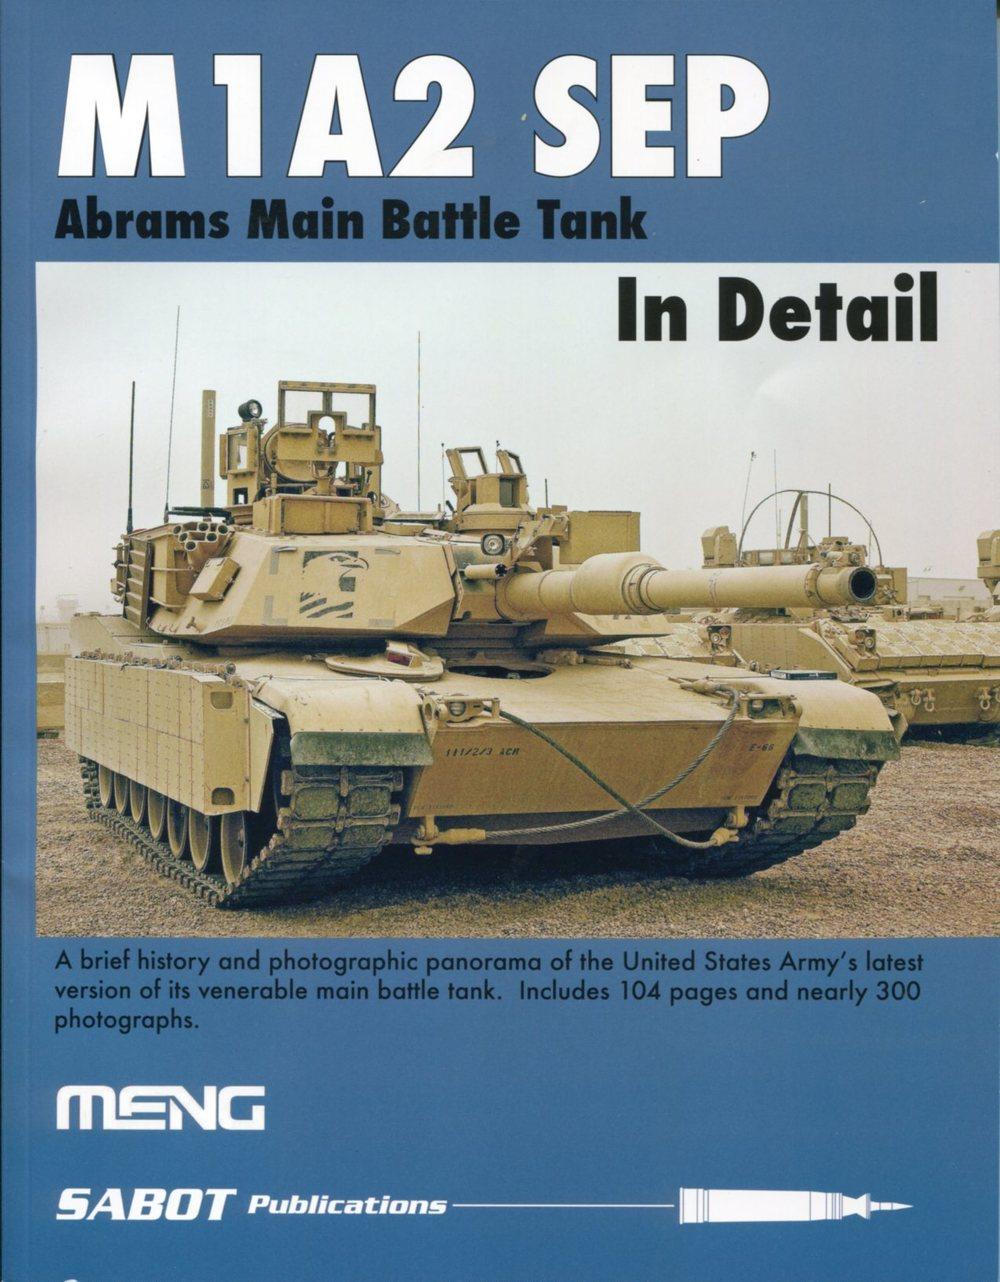 M1A2 SEP Cover066.jpg